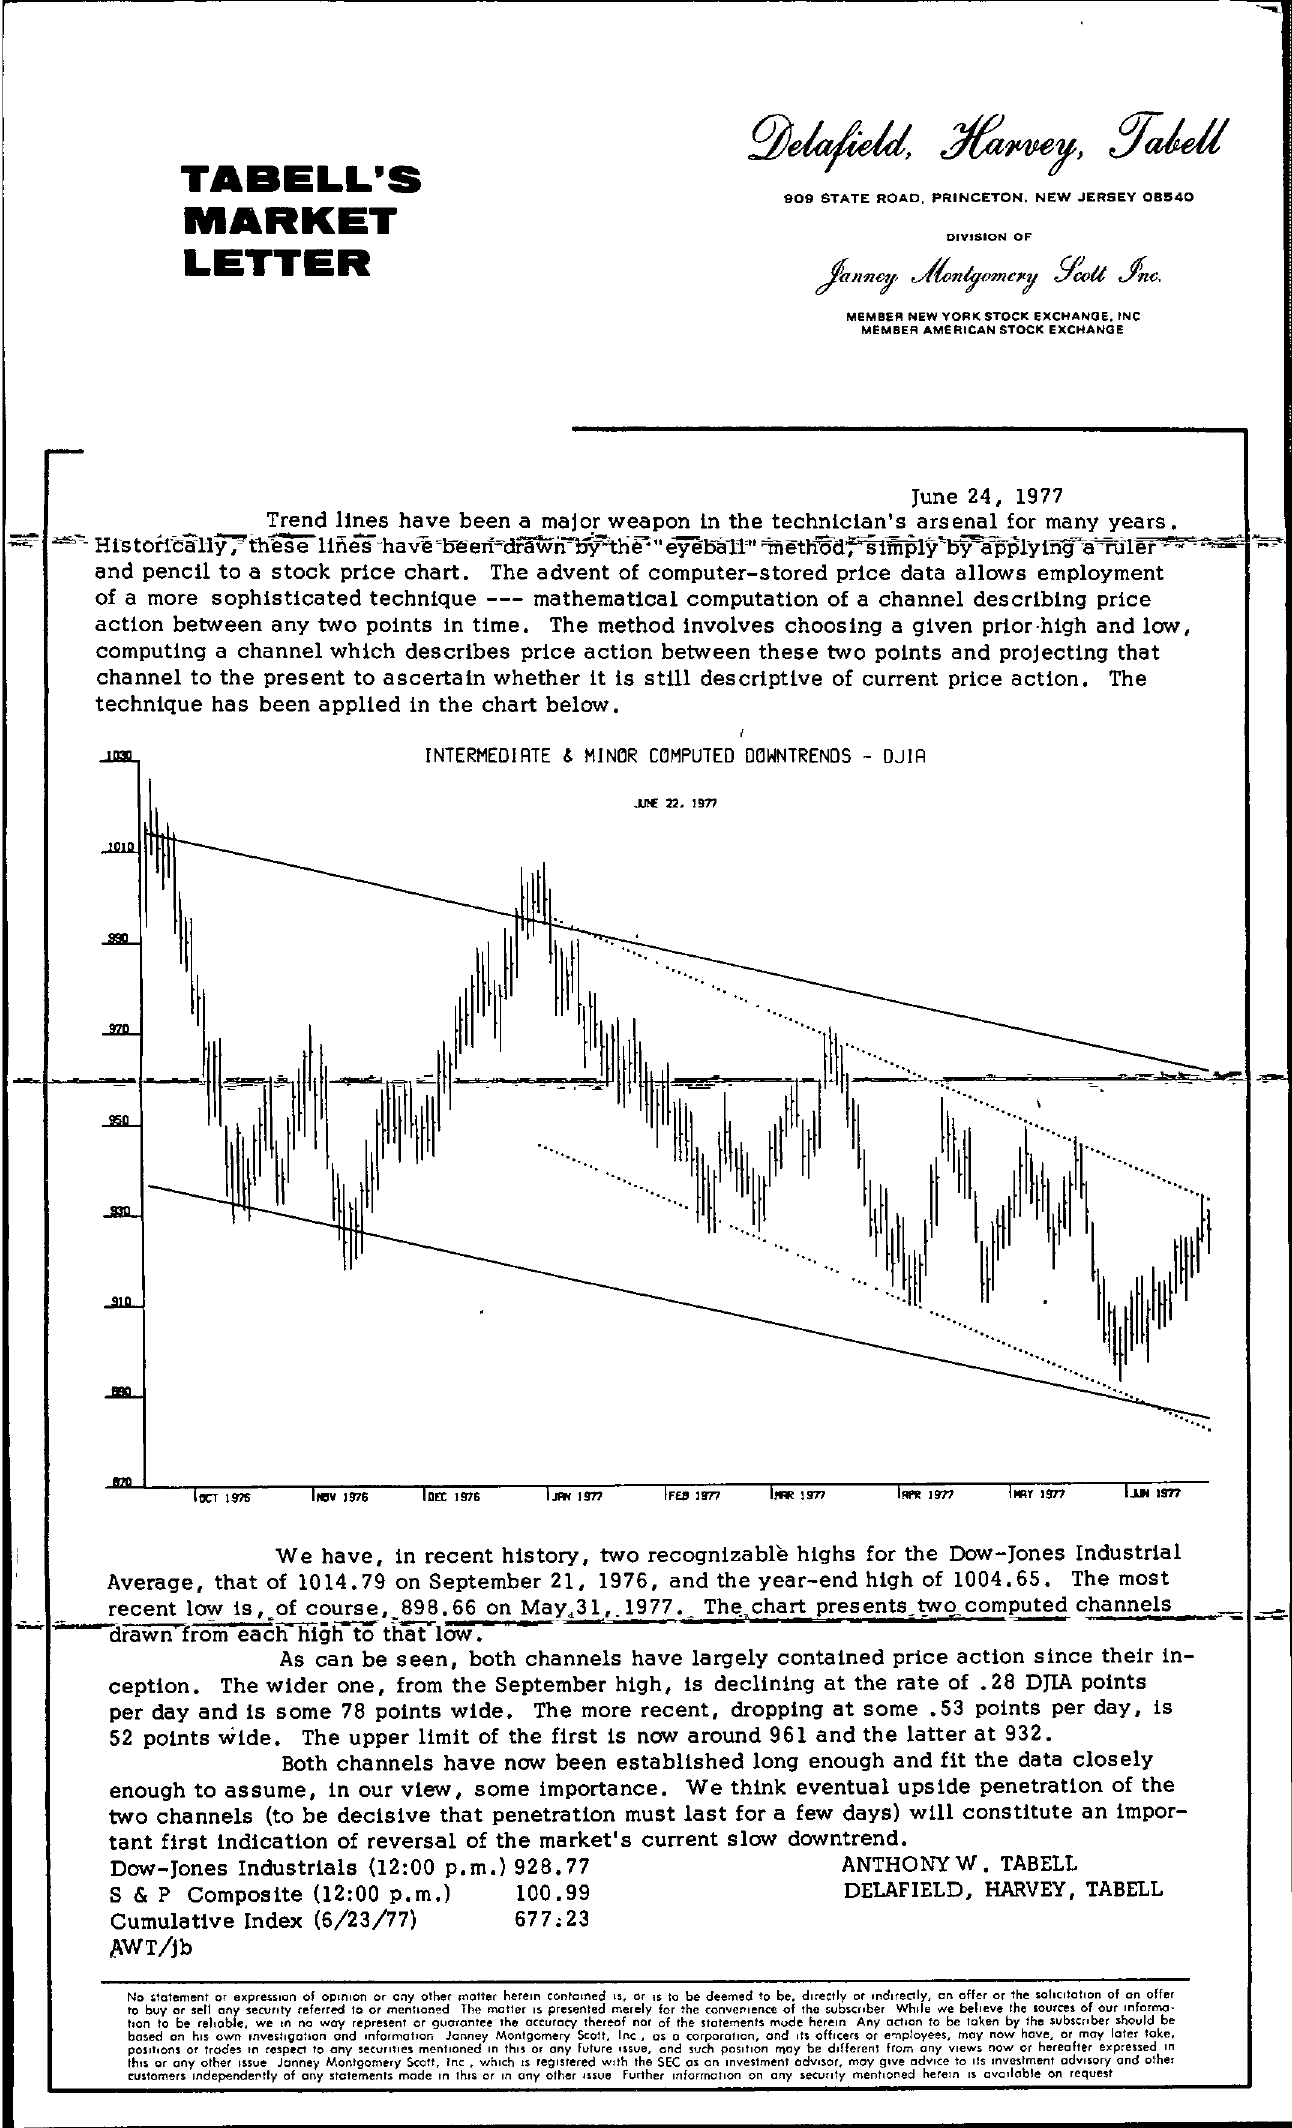 Tabell's Market Letter - June 24, 1977